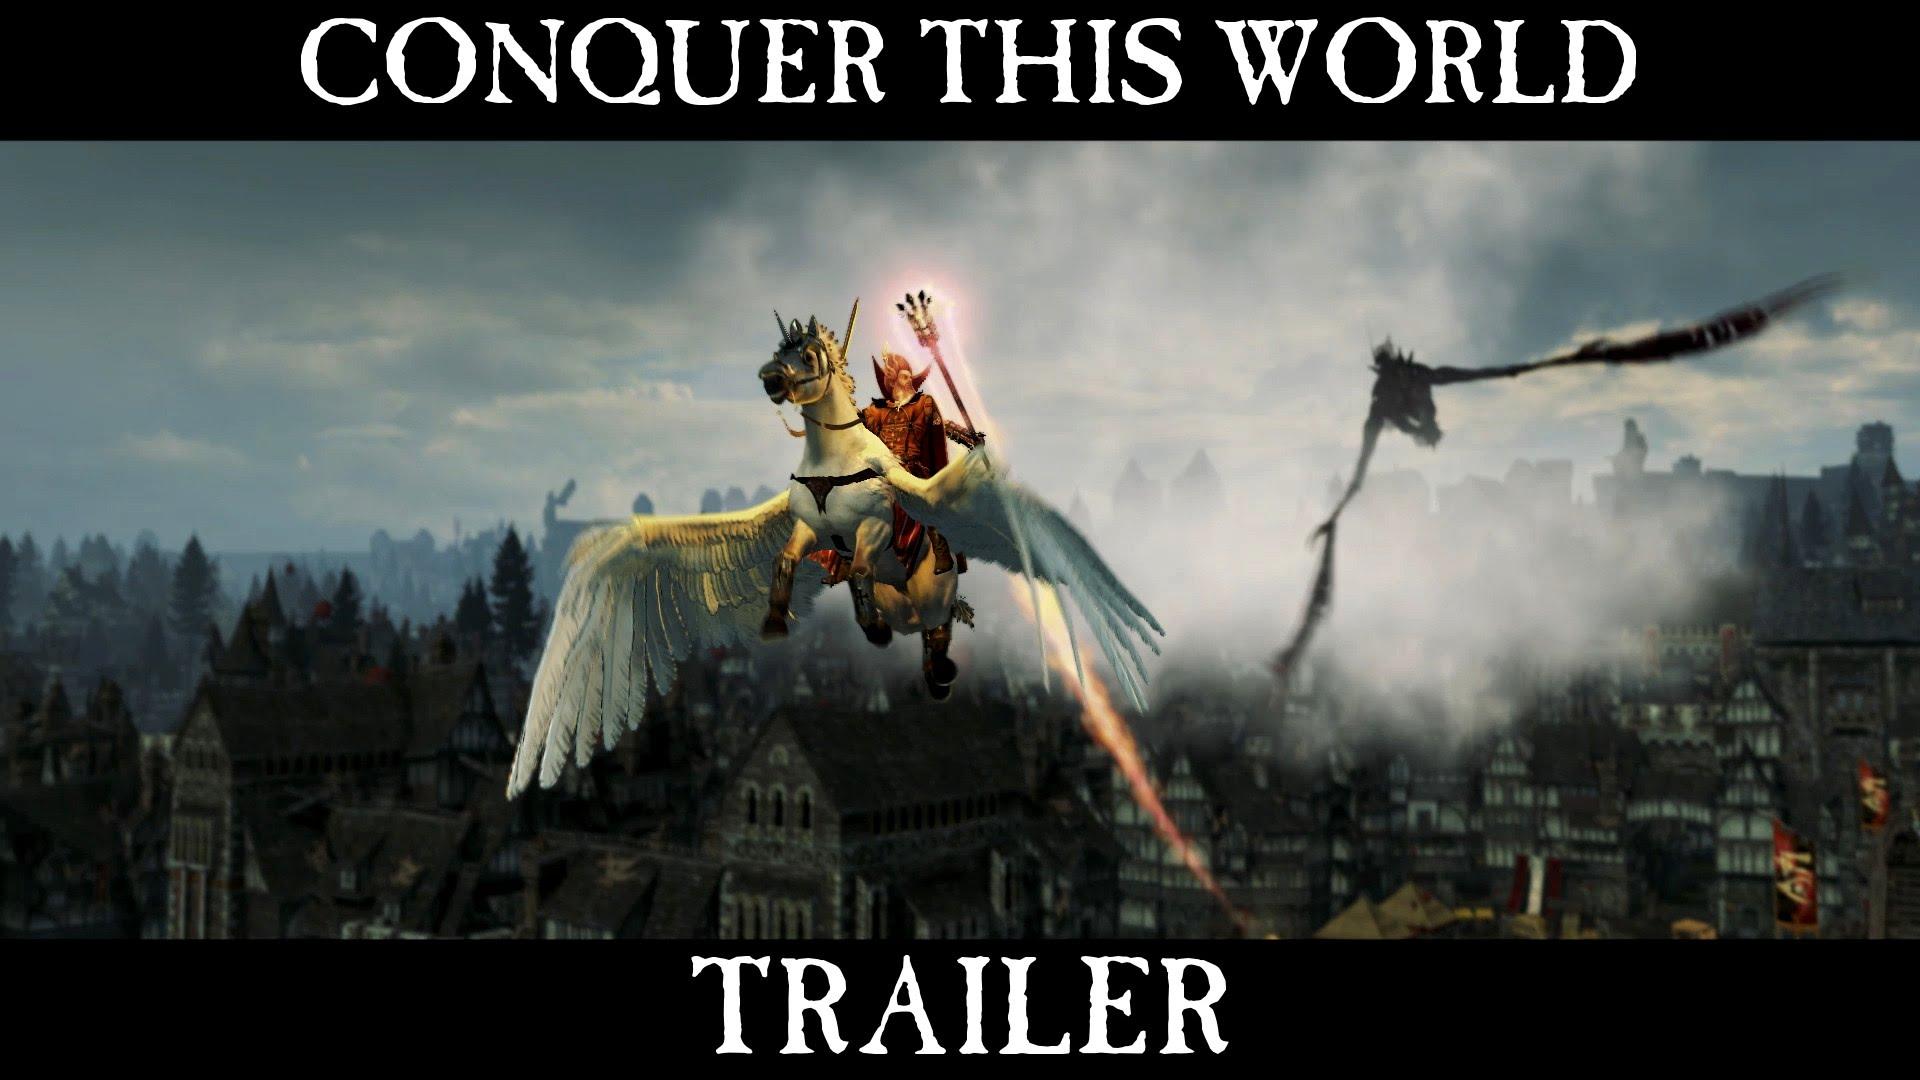 Trailerul Total War: Warhammer vă invită să cuceriți lumea